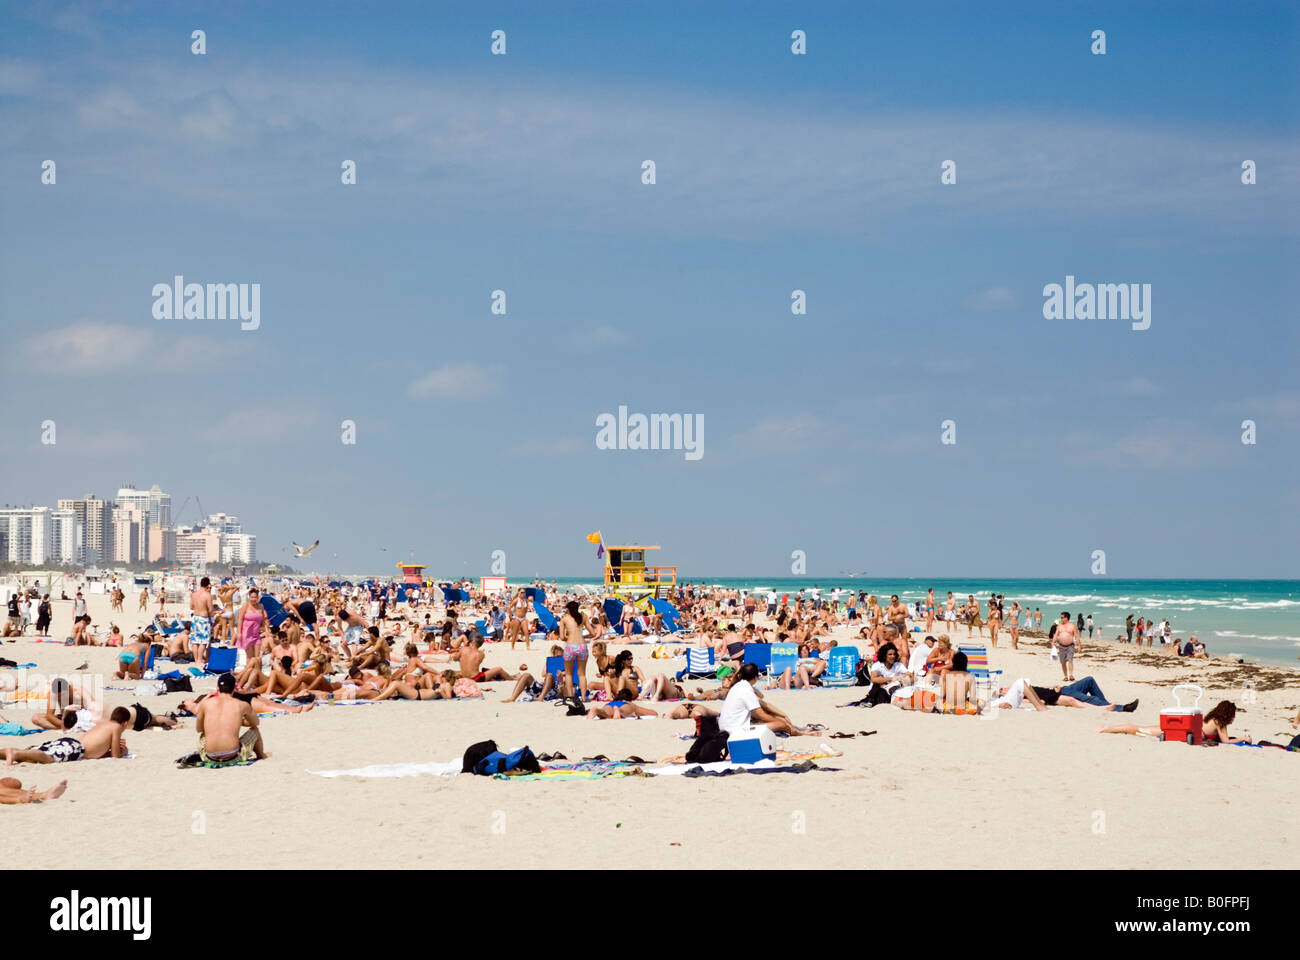 South Beach Miami florida usa Photo Stock